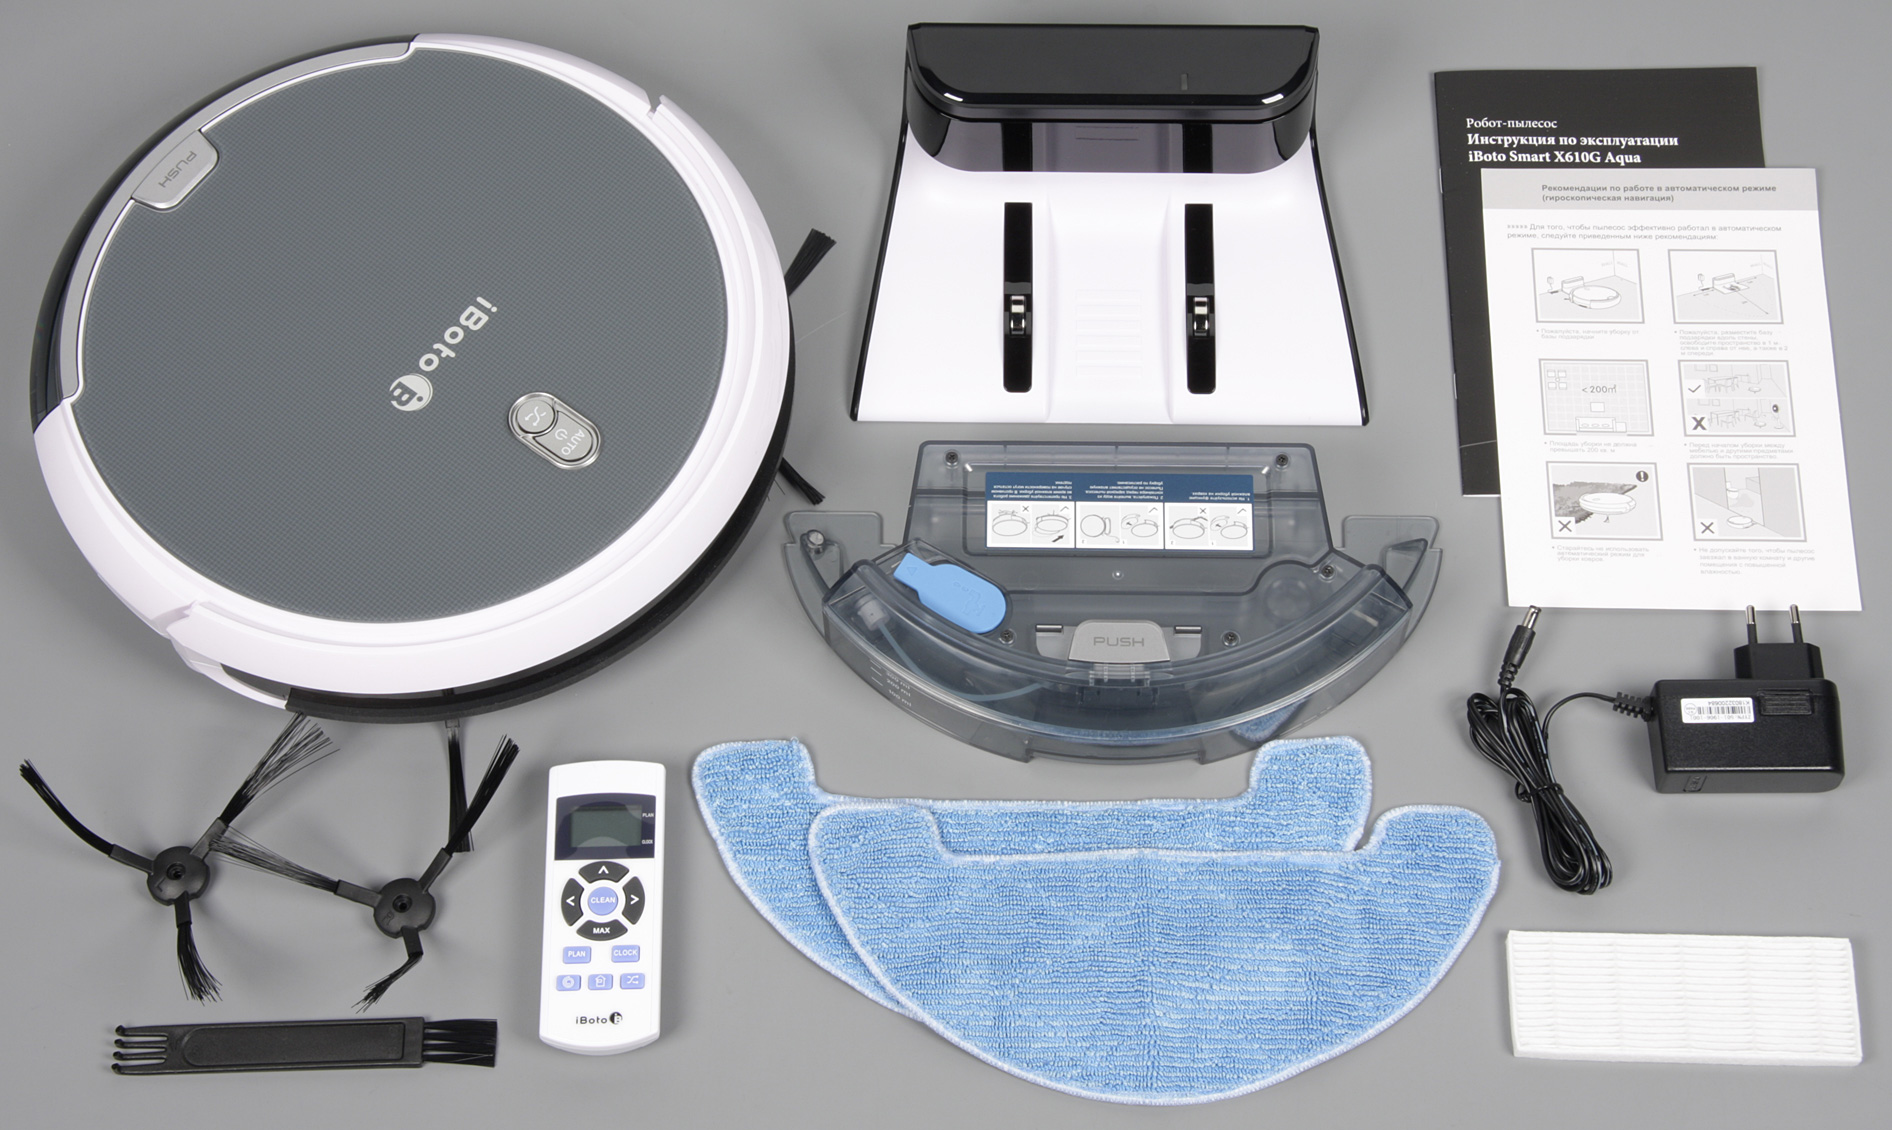 Робот-пылесос iBoto Smart X610G